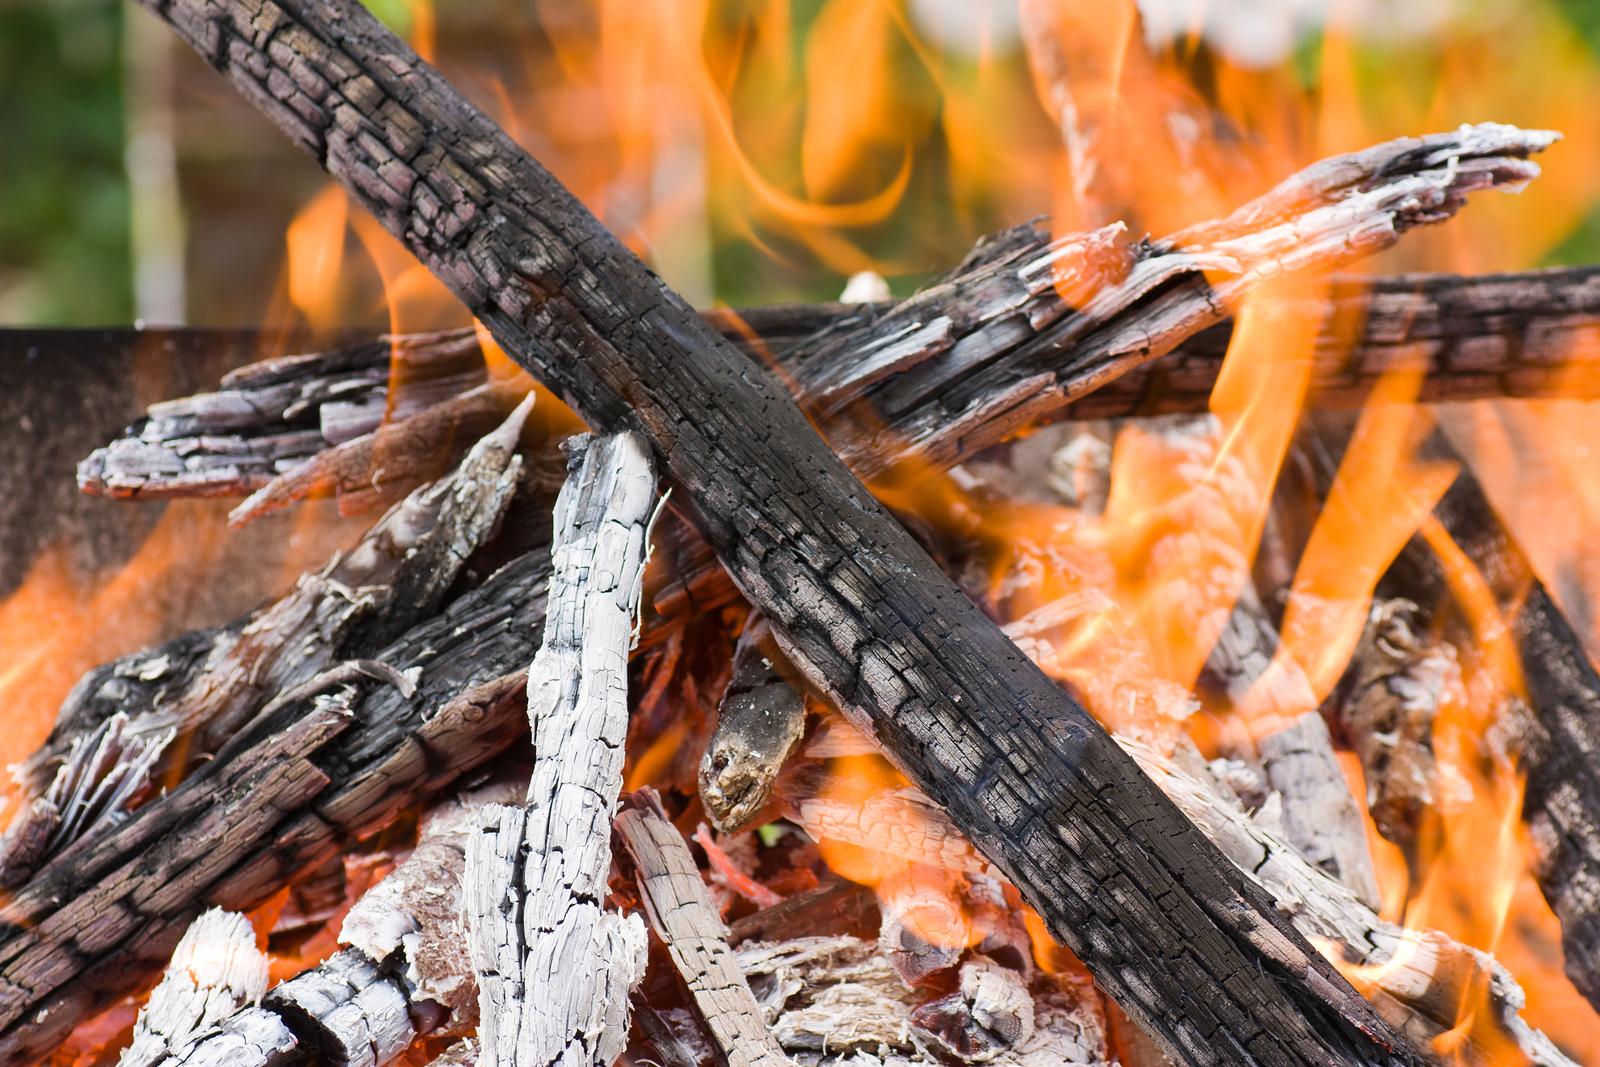 bigstock-Burning-logs-23435018.jpg